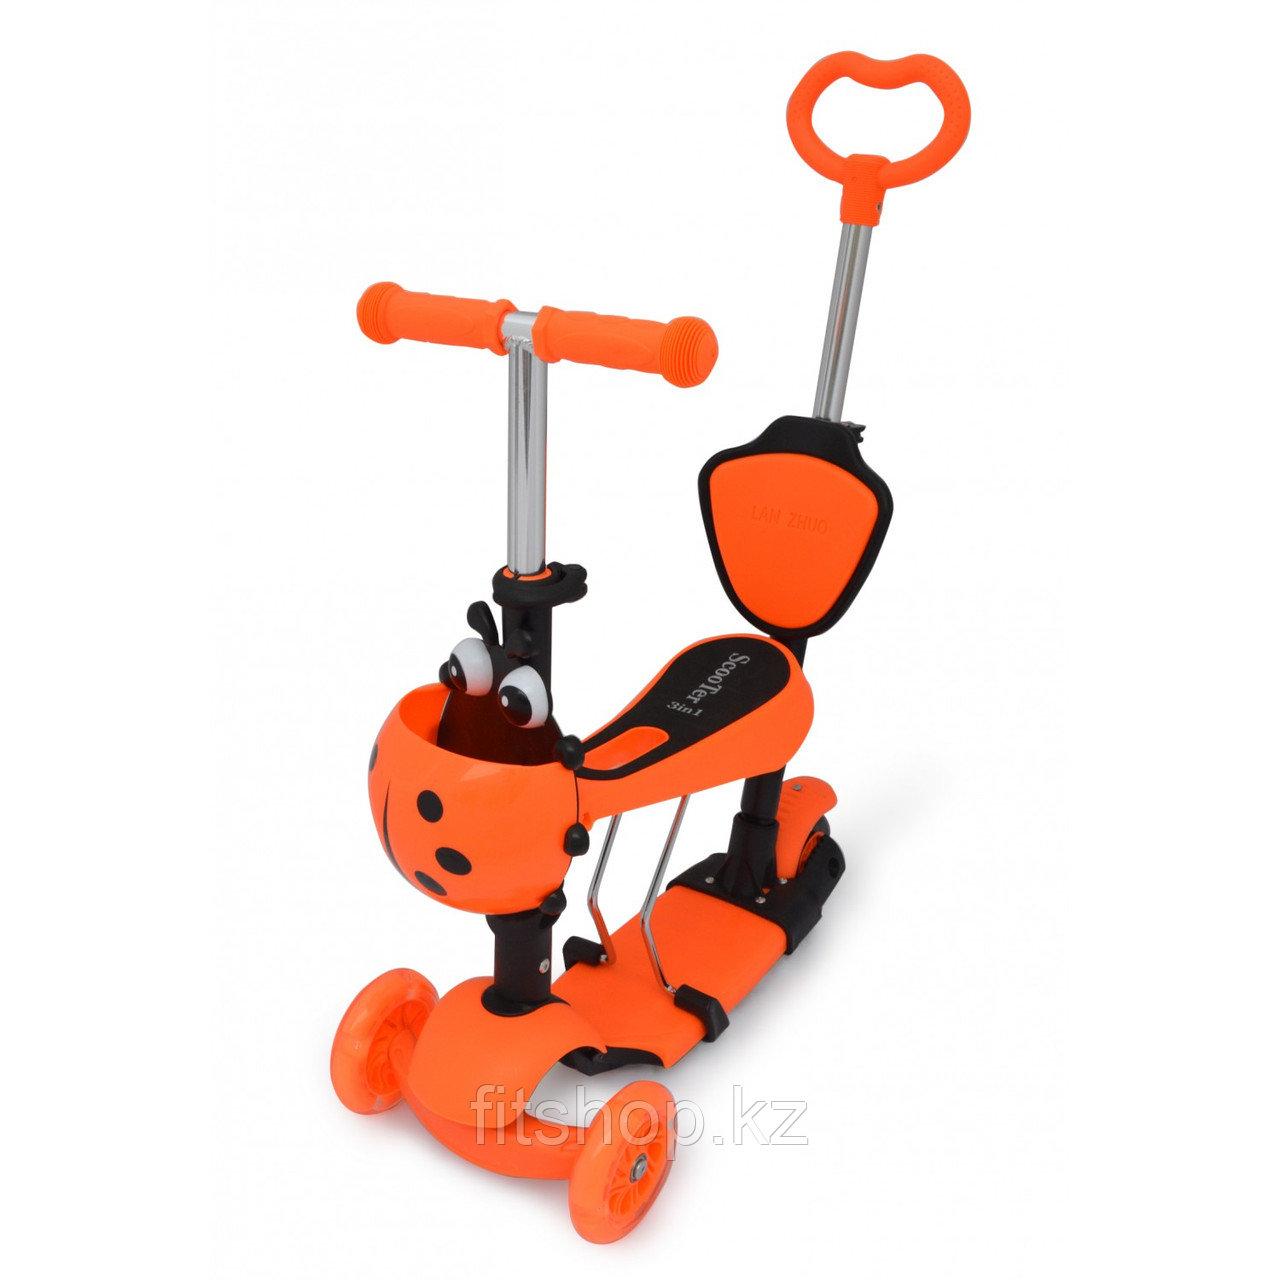 Детский самокат Scooter mini 3 в 1